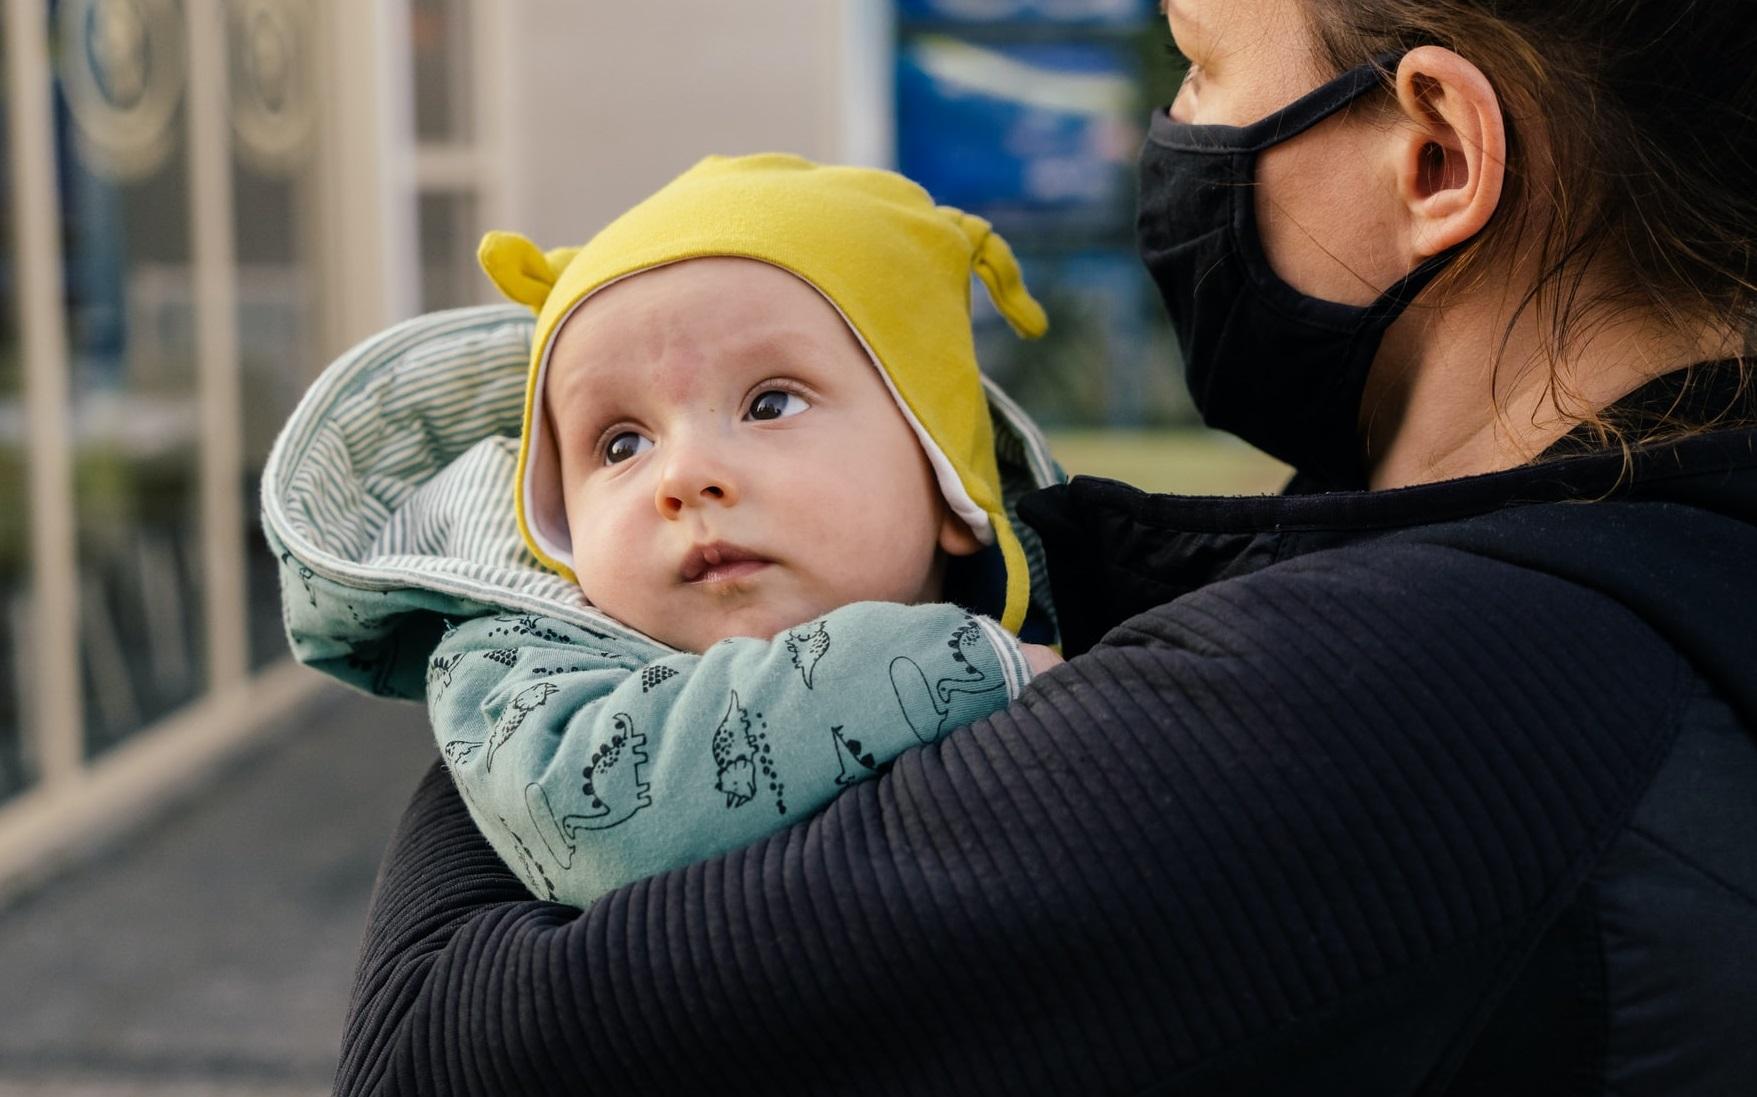 Zbor anulat pentru că un bebeluș de 19 luni nu a purtat mască în avion